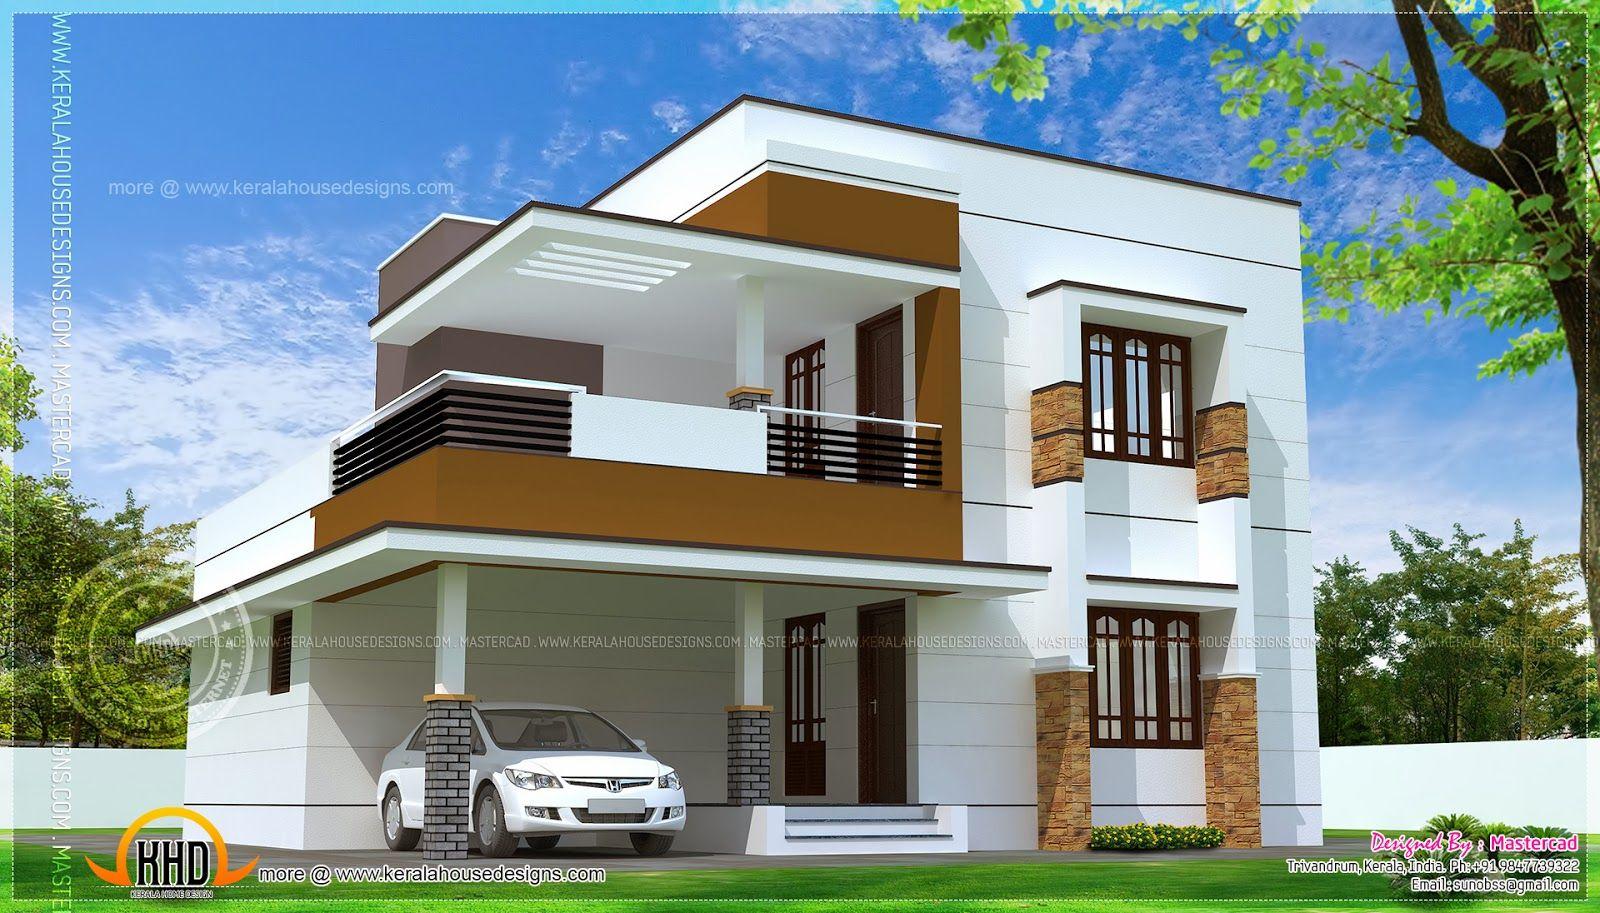 Contemporary Home Design Google Search Kerala House Design